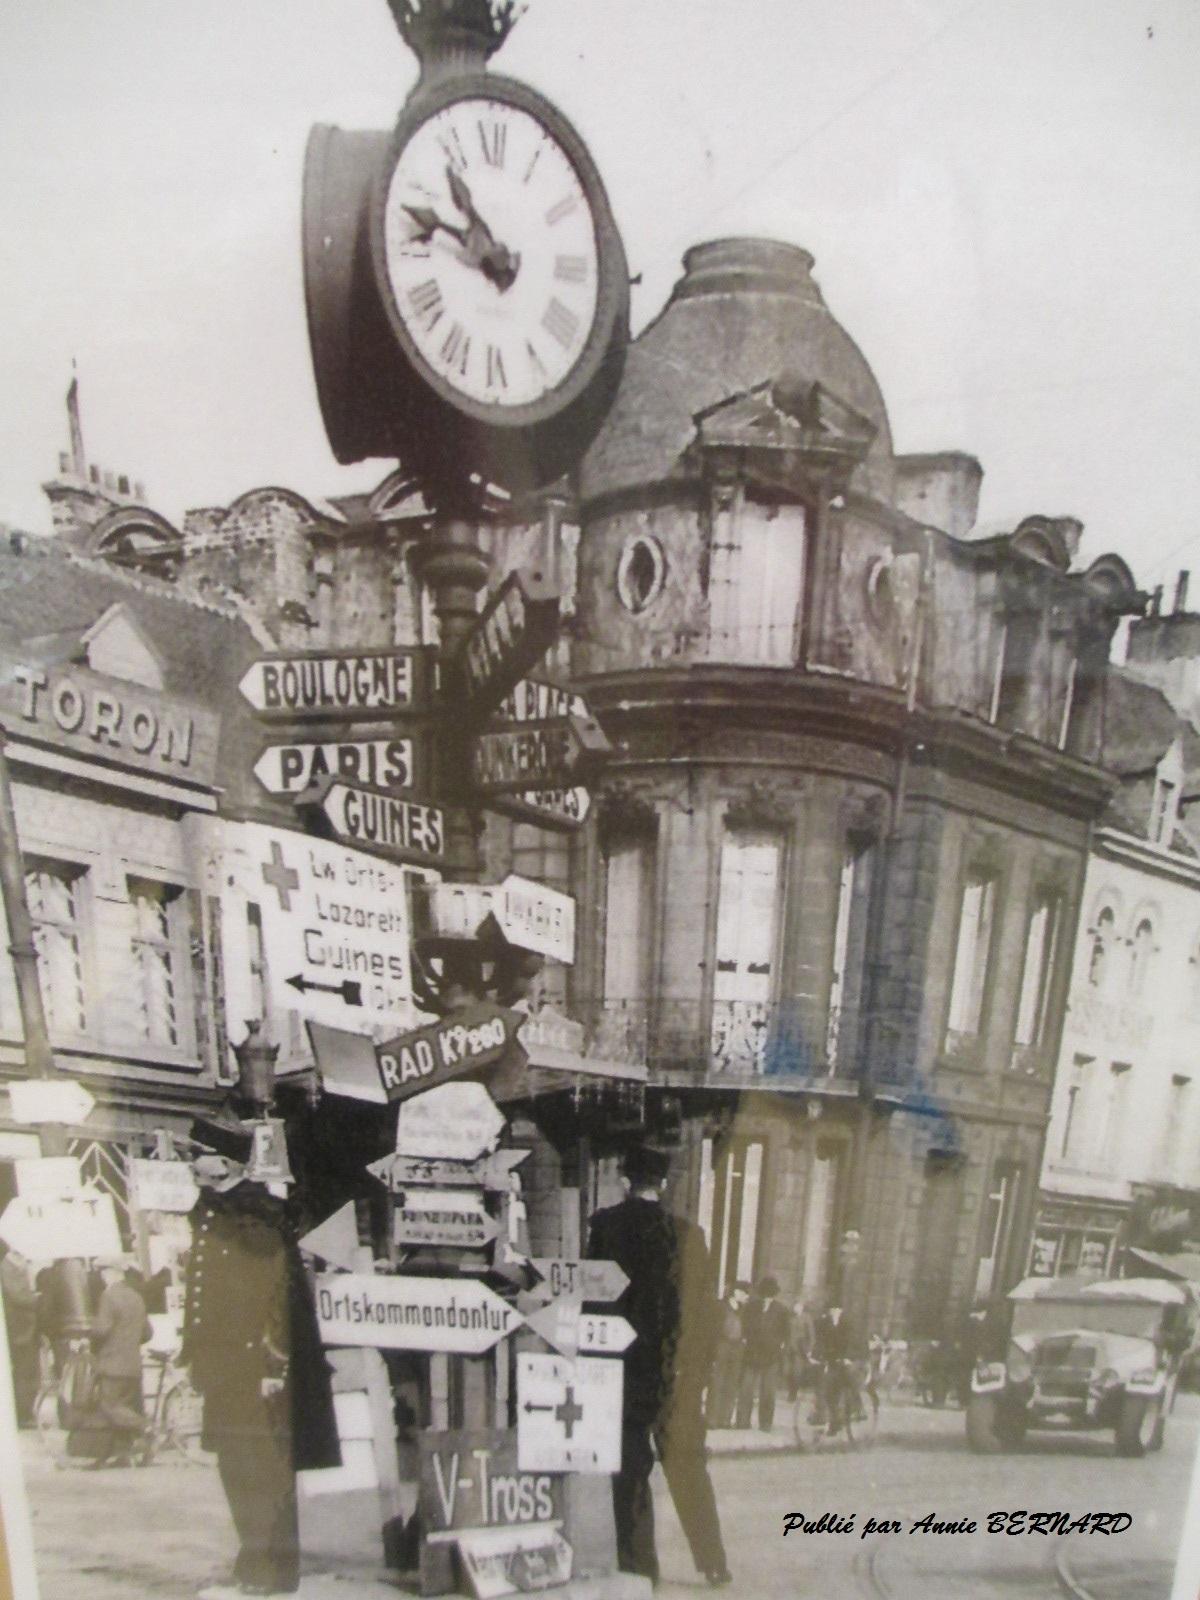 Les quatre boulevards pendant l'occupation en 1939-1945